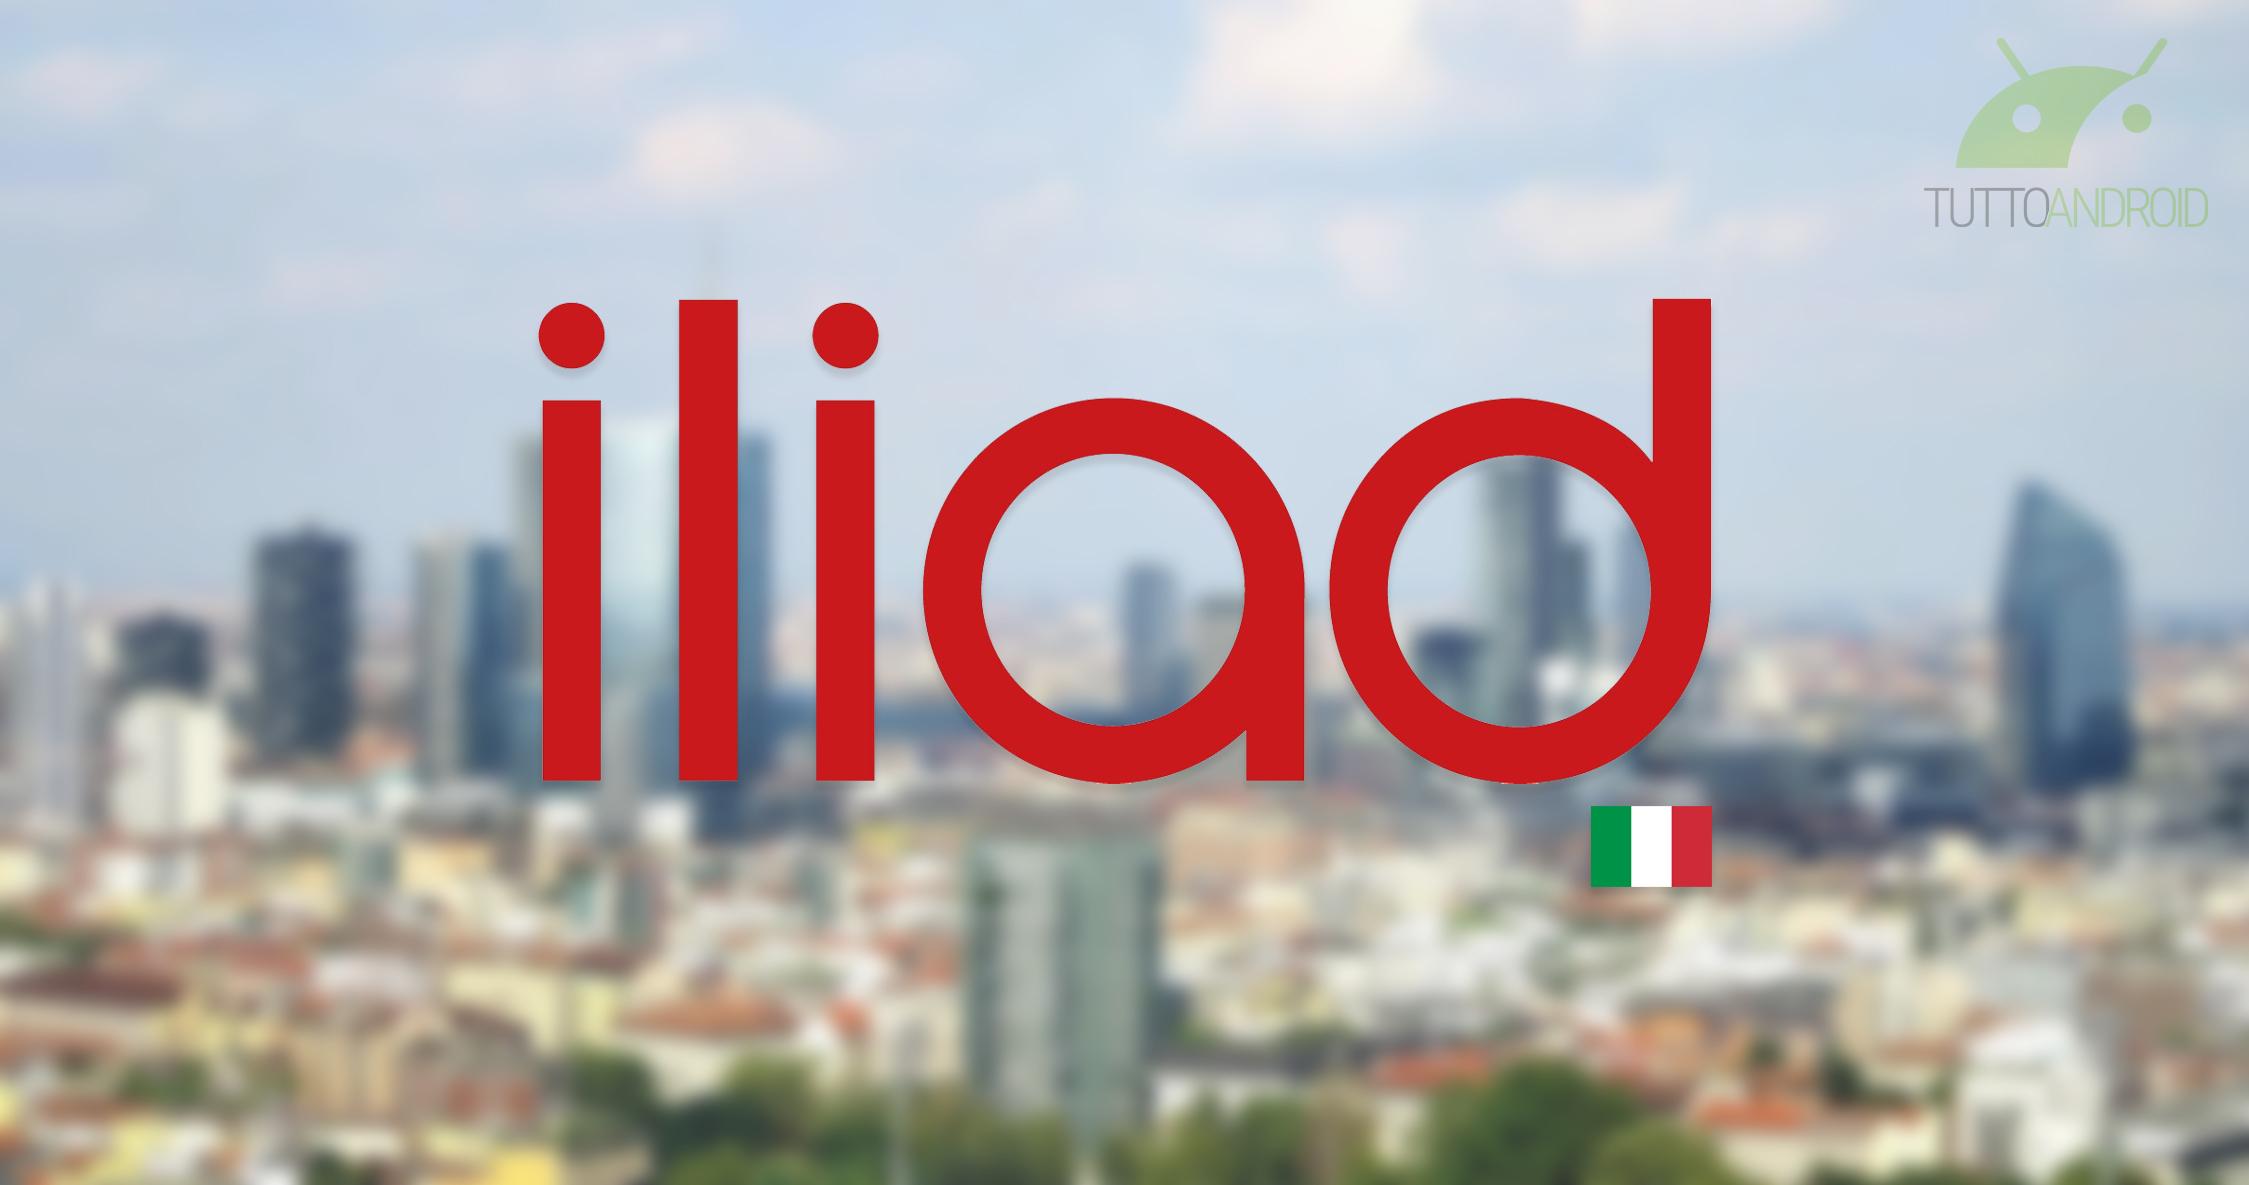 Iliad vuole rivoluzionare il mercato italiano, con offerte super a partire da 2,90 euro